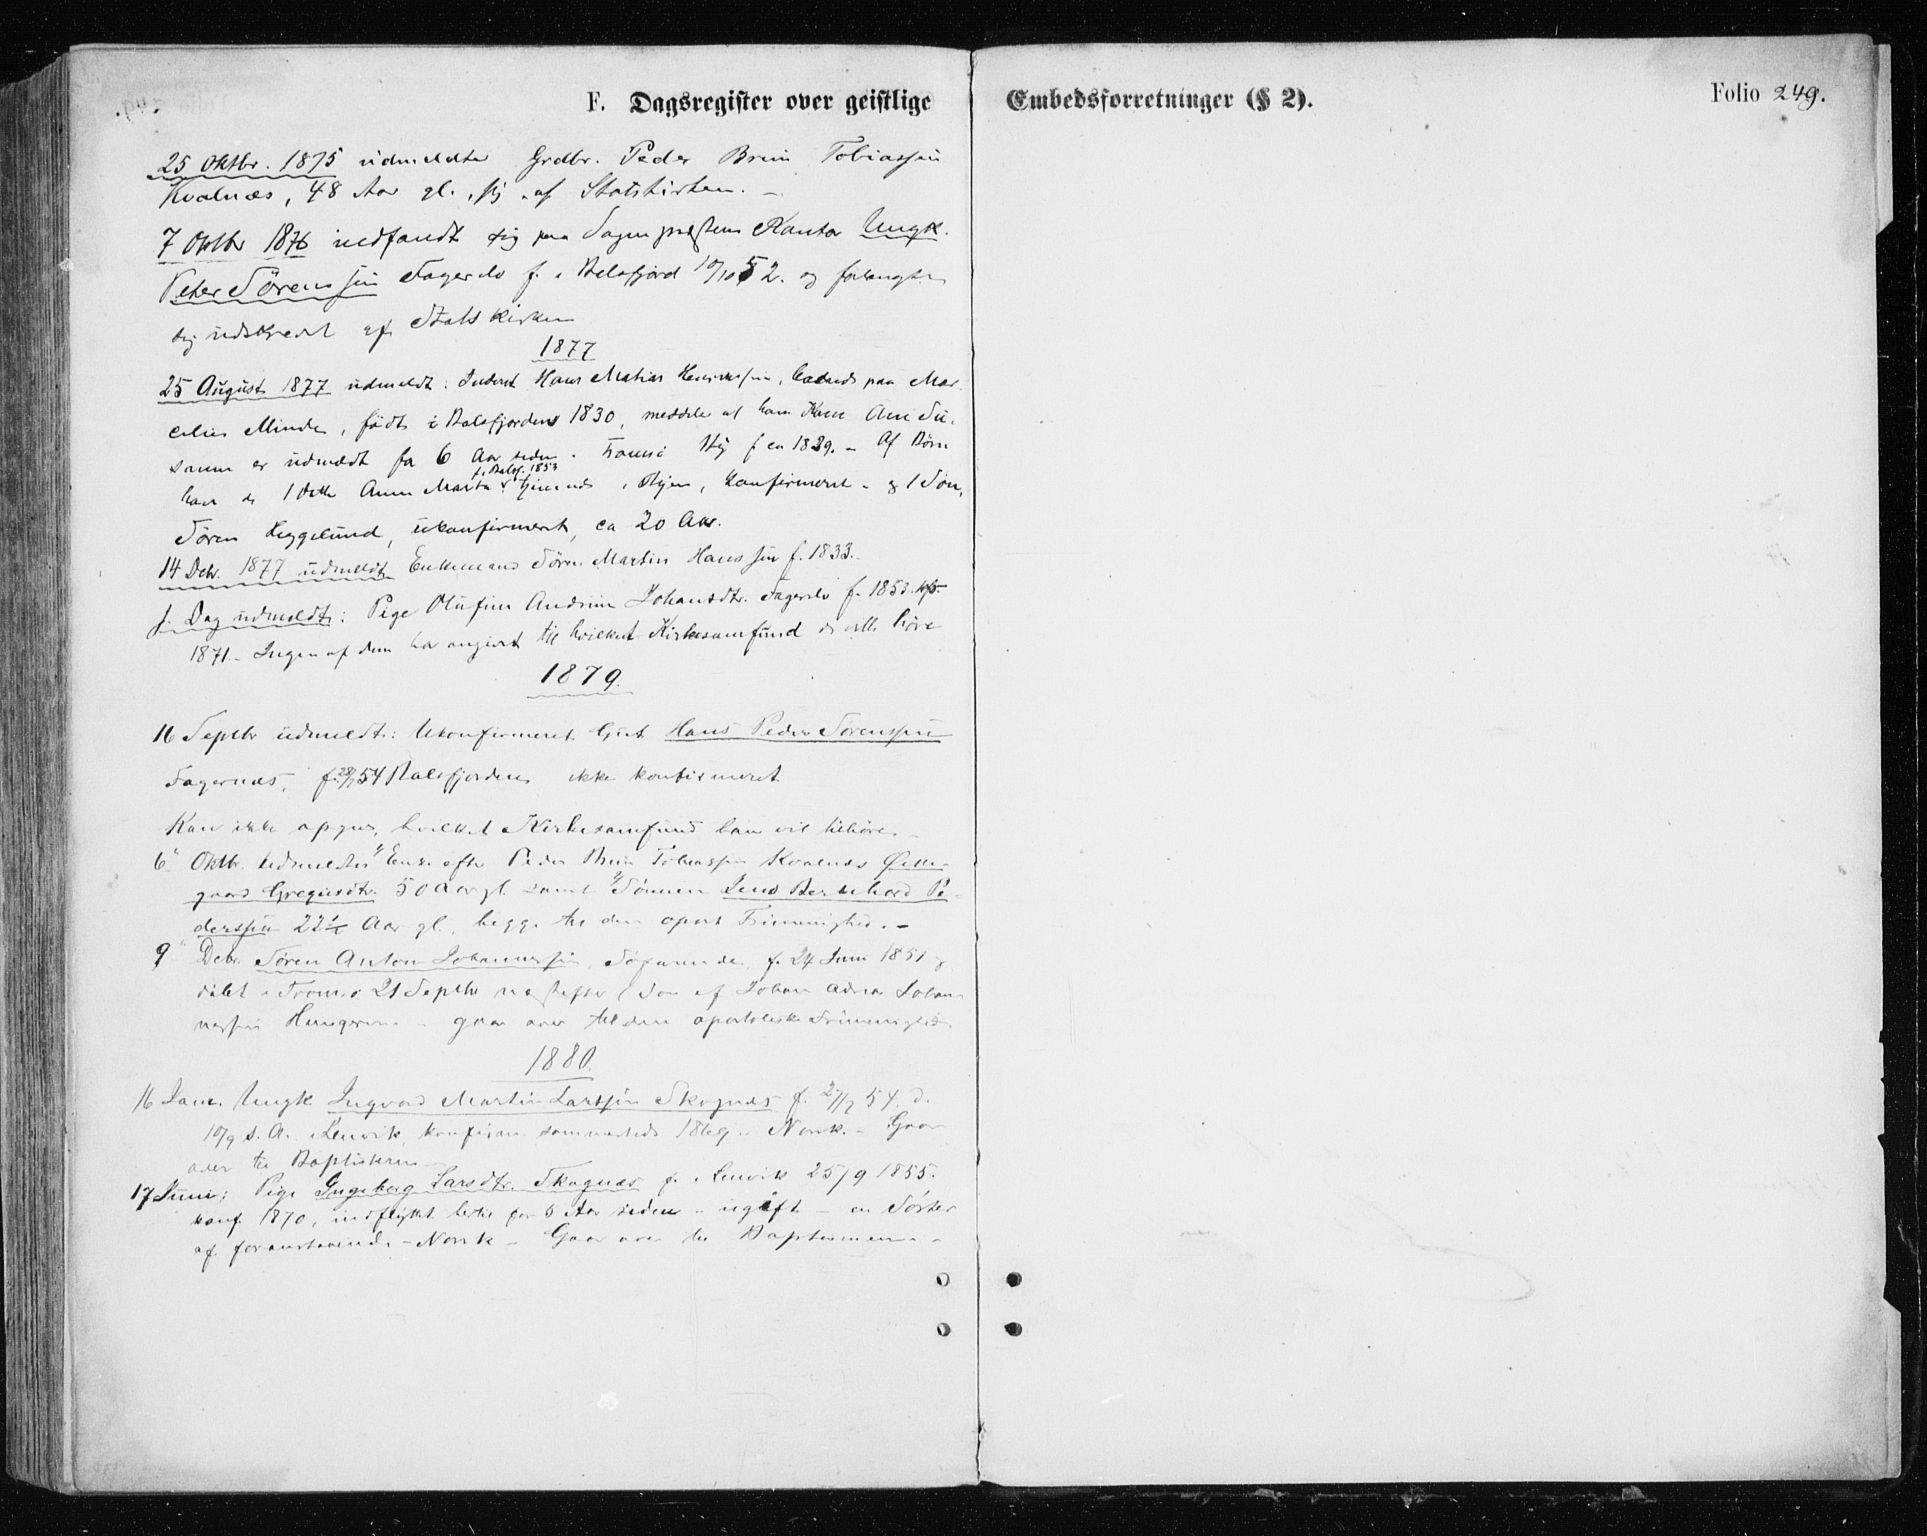 SATØ, Tromsøysund sokneprestkontor, G/Ga/L0003kirke: Ministerialbok nr. 3, 1875-1880, s. 249